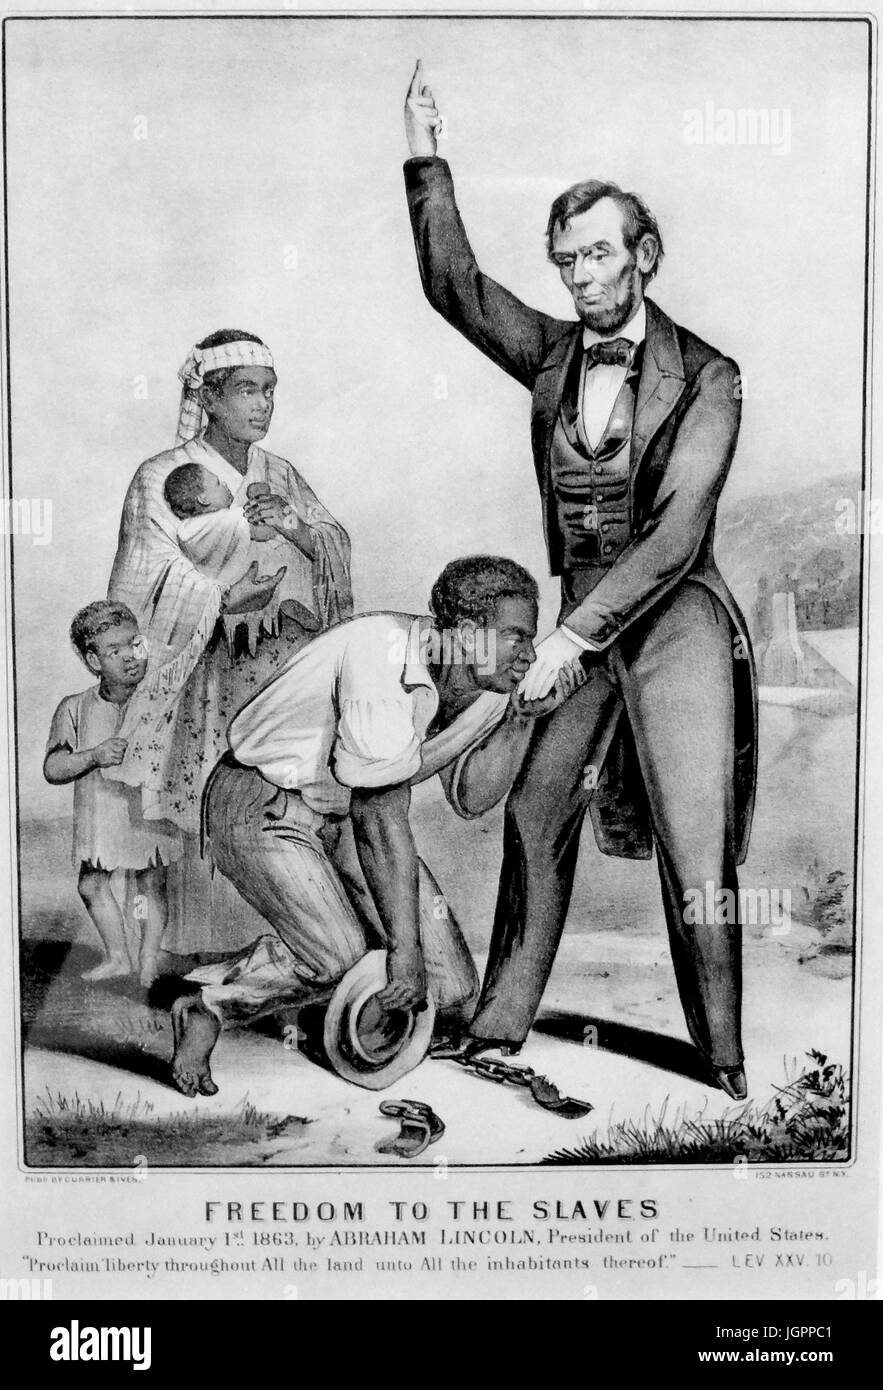 Libertad para los esclavos Currier & Ives imprimir aproximadamente 1863 Imagen De Stock